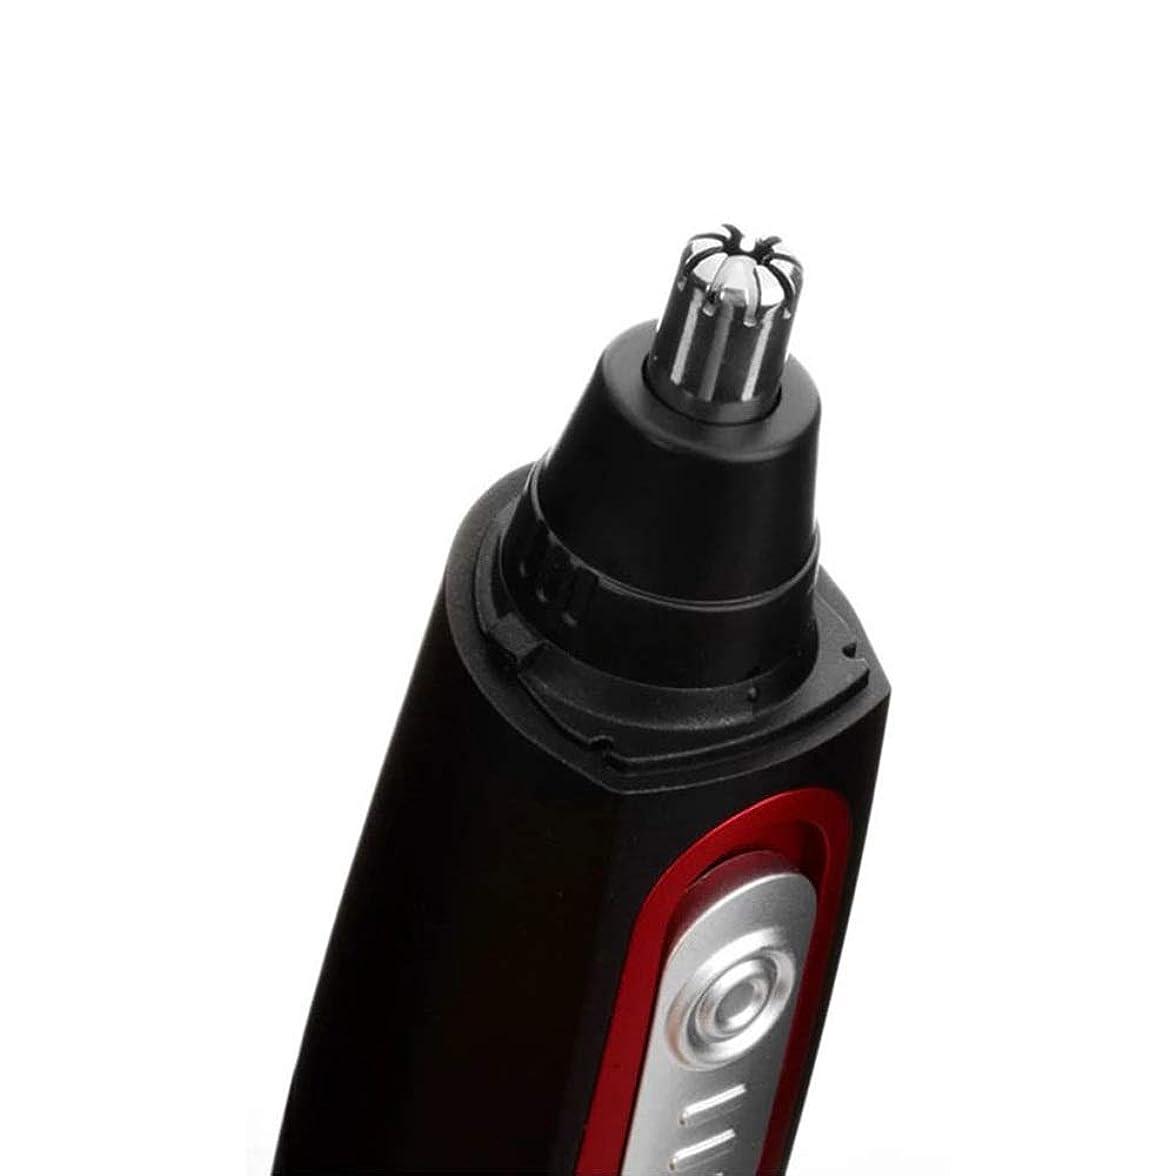 間違えた転倒磁気ノーズヘアトリマー/メンズシェービングノーズヘアスクレーピングノーズヘアハサミ/ 360°効果的なキャプチャー/三次元ロータリーカッターヘッドデザイン/ 14cm 持つ価値があります